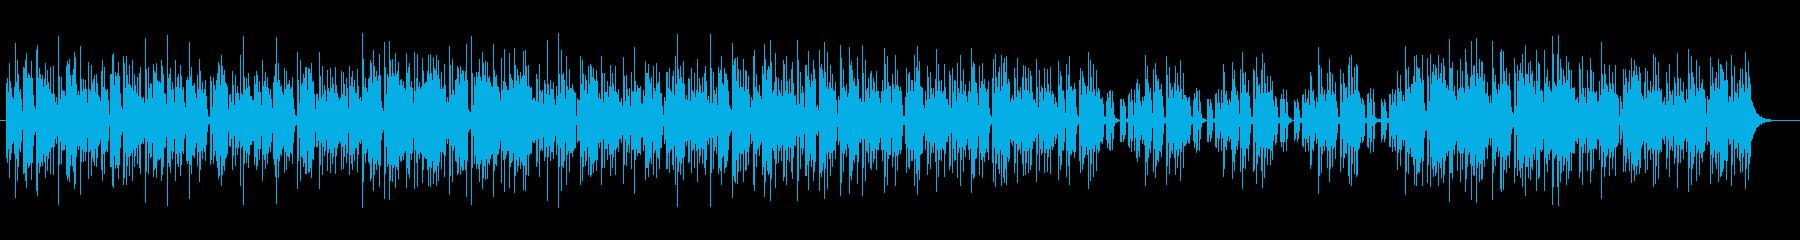 透明でファンタジックなデジタルサウンドの再生済みの波形